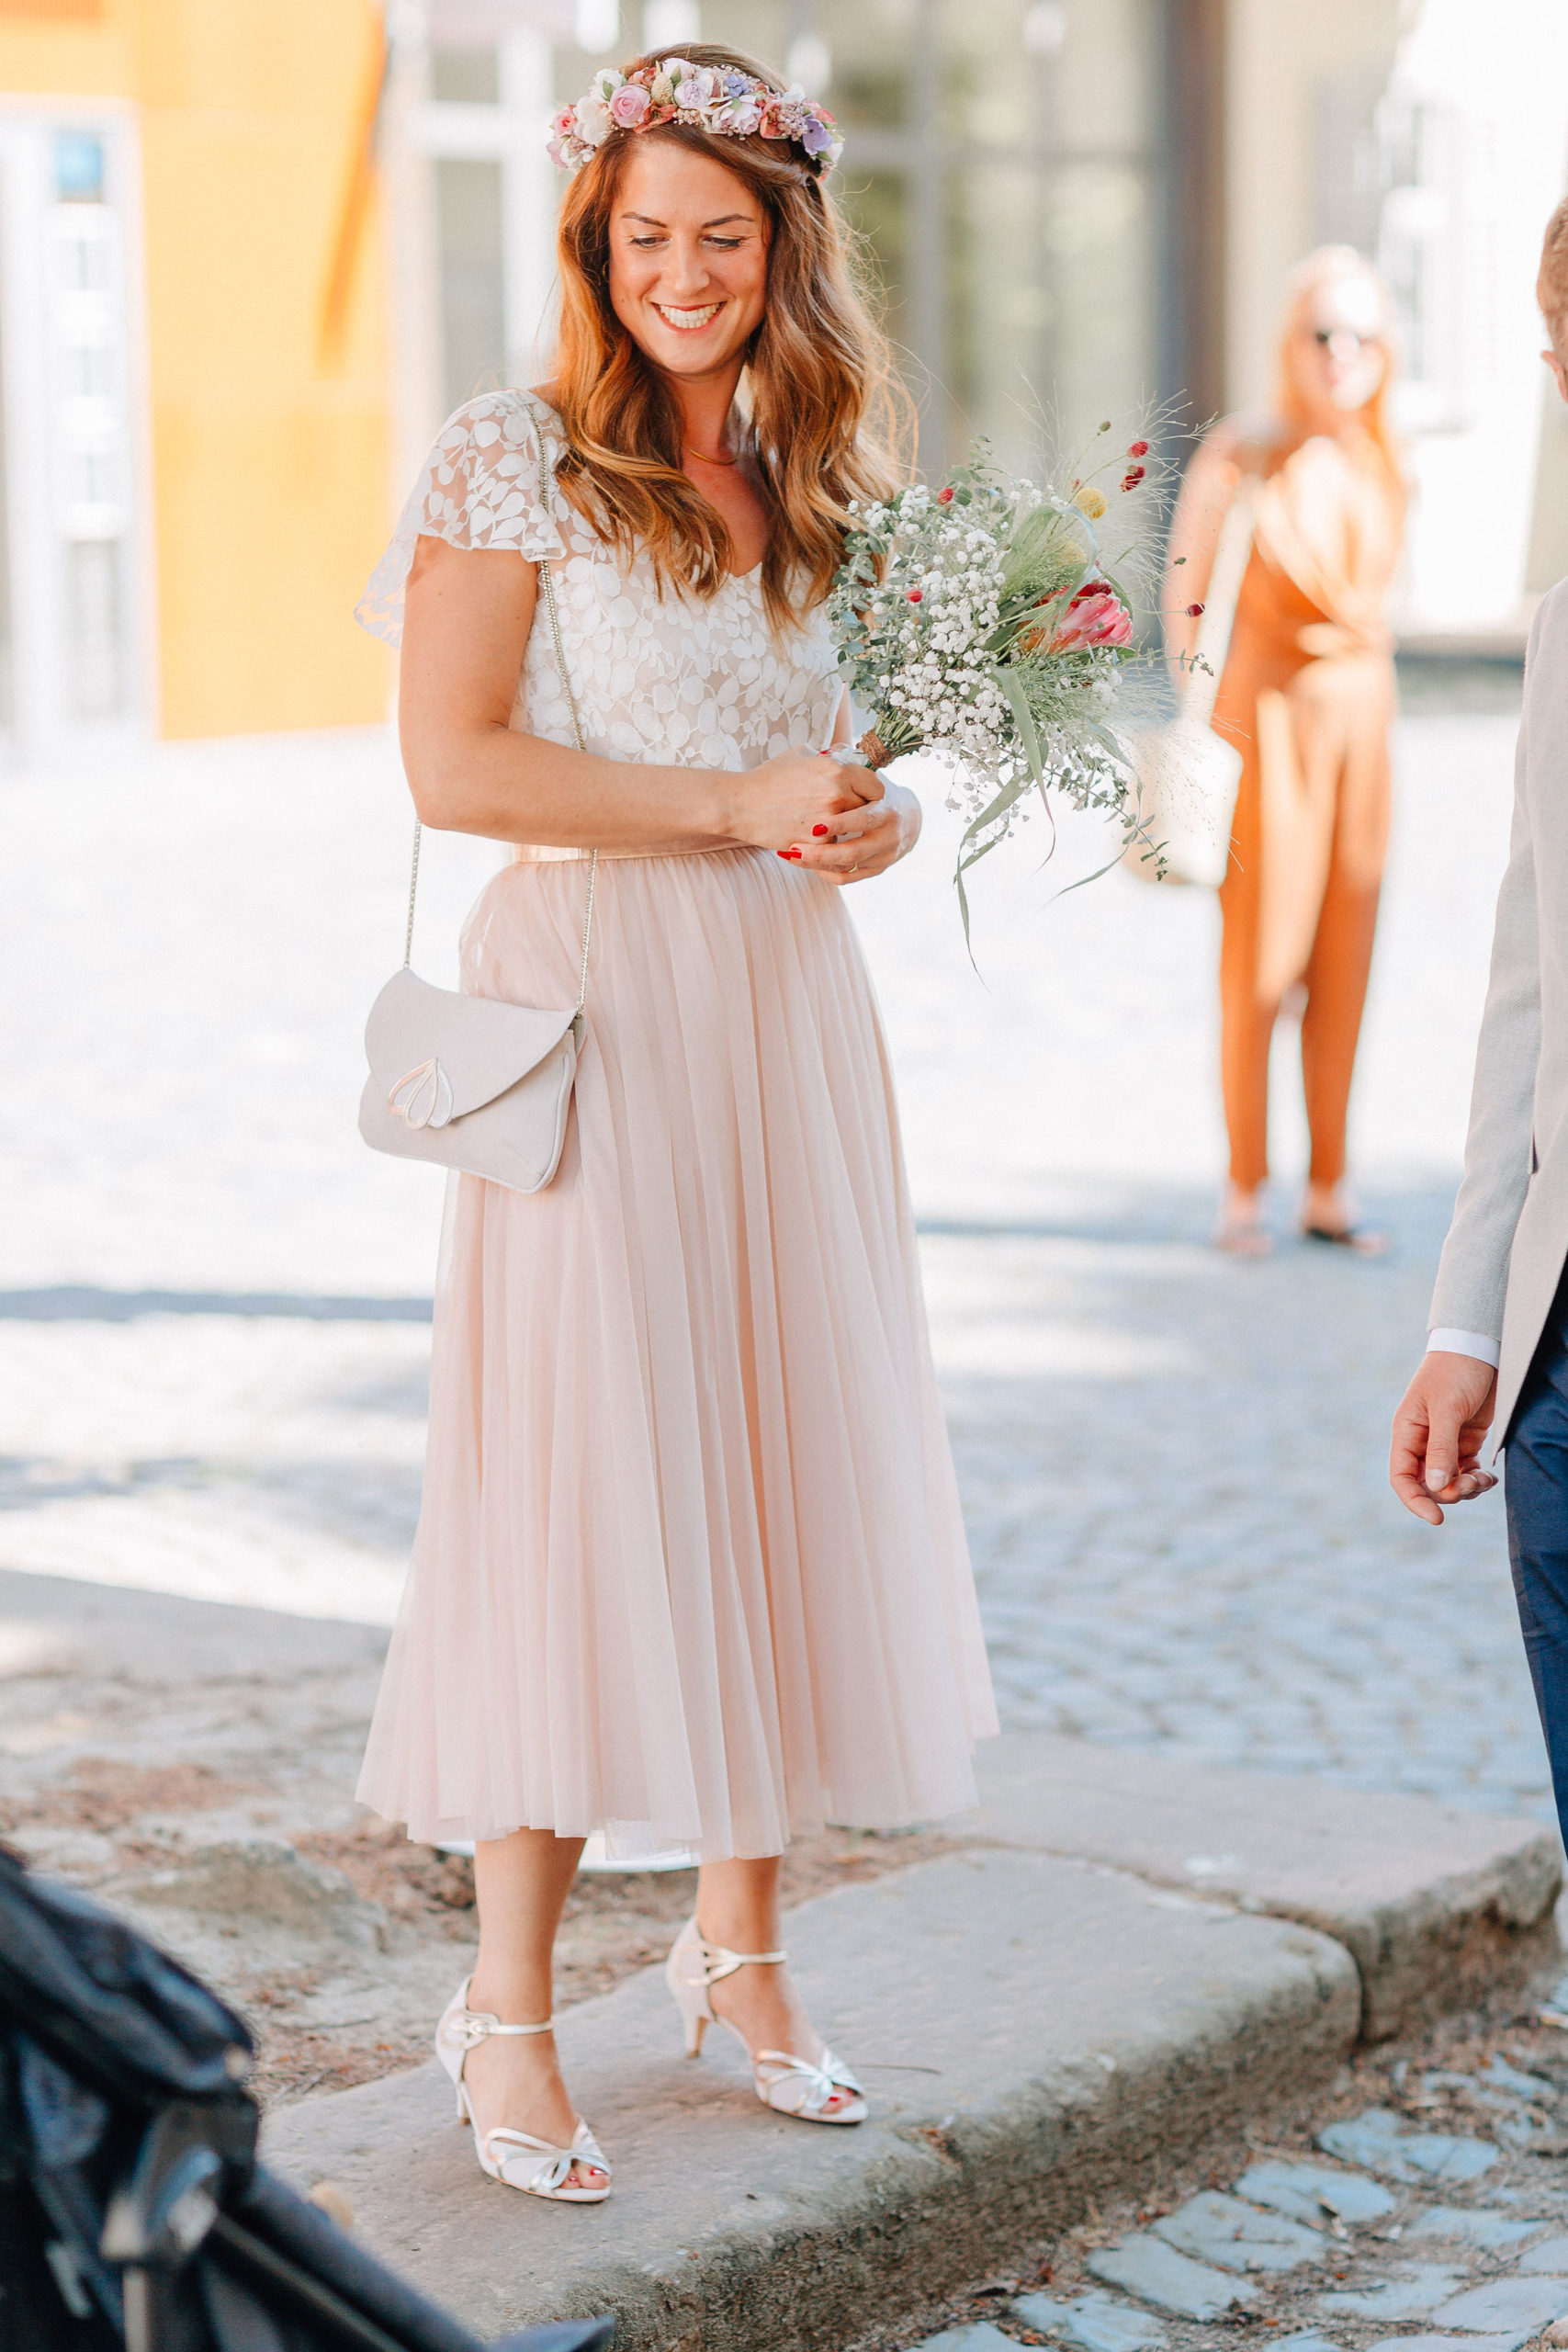 Braut mit Blumenstrauß im Sommerlook